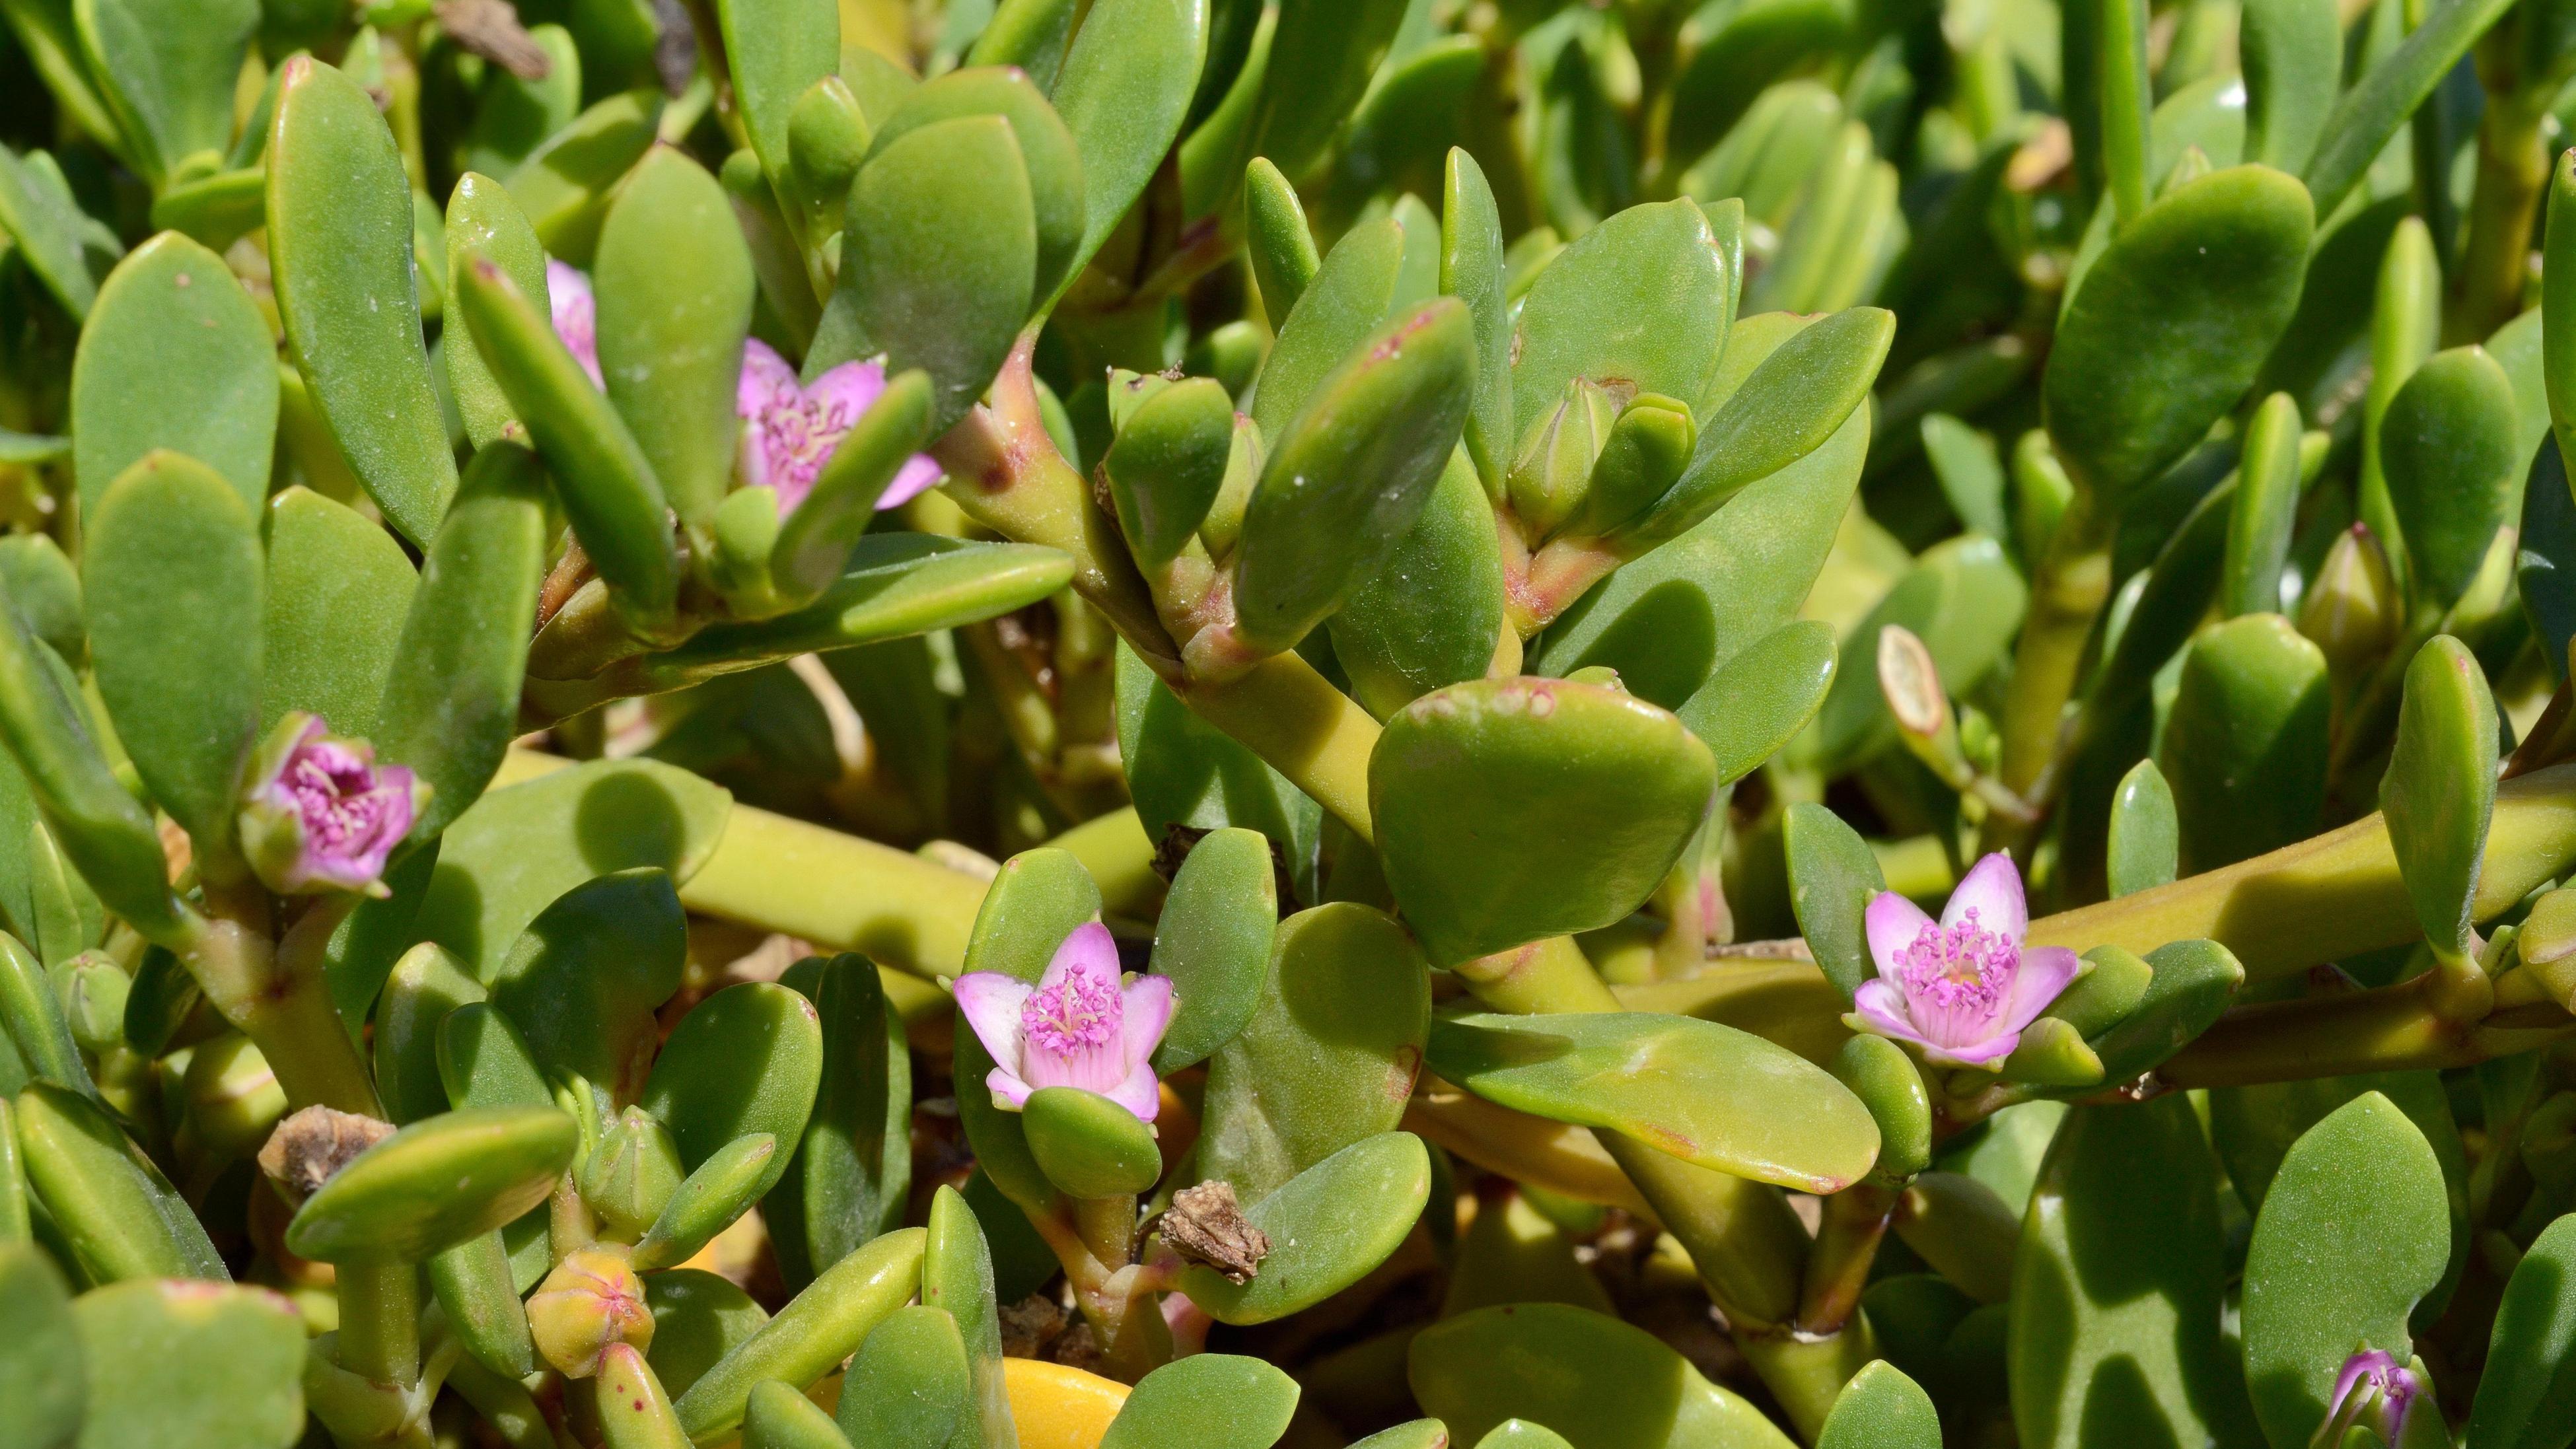 Pink flowers on sea purslane plant